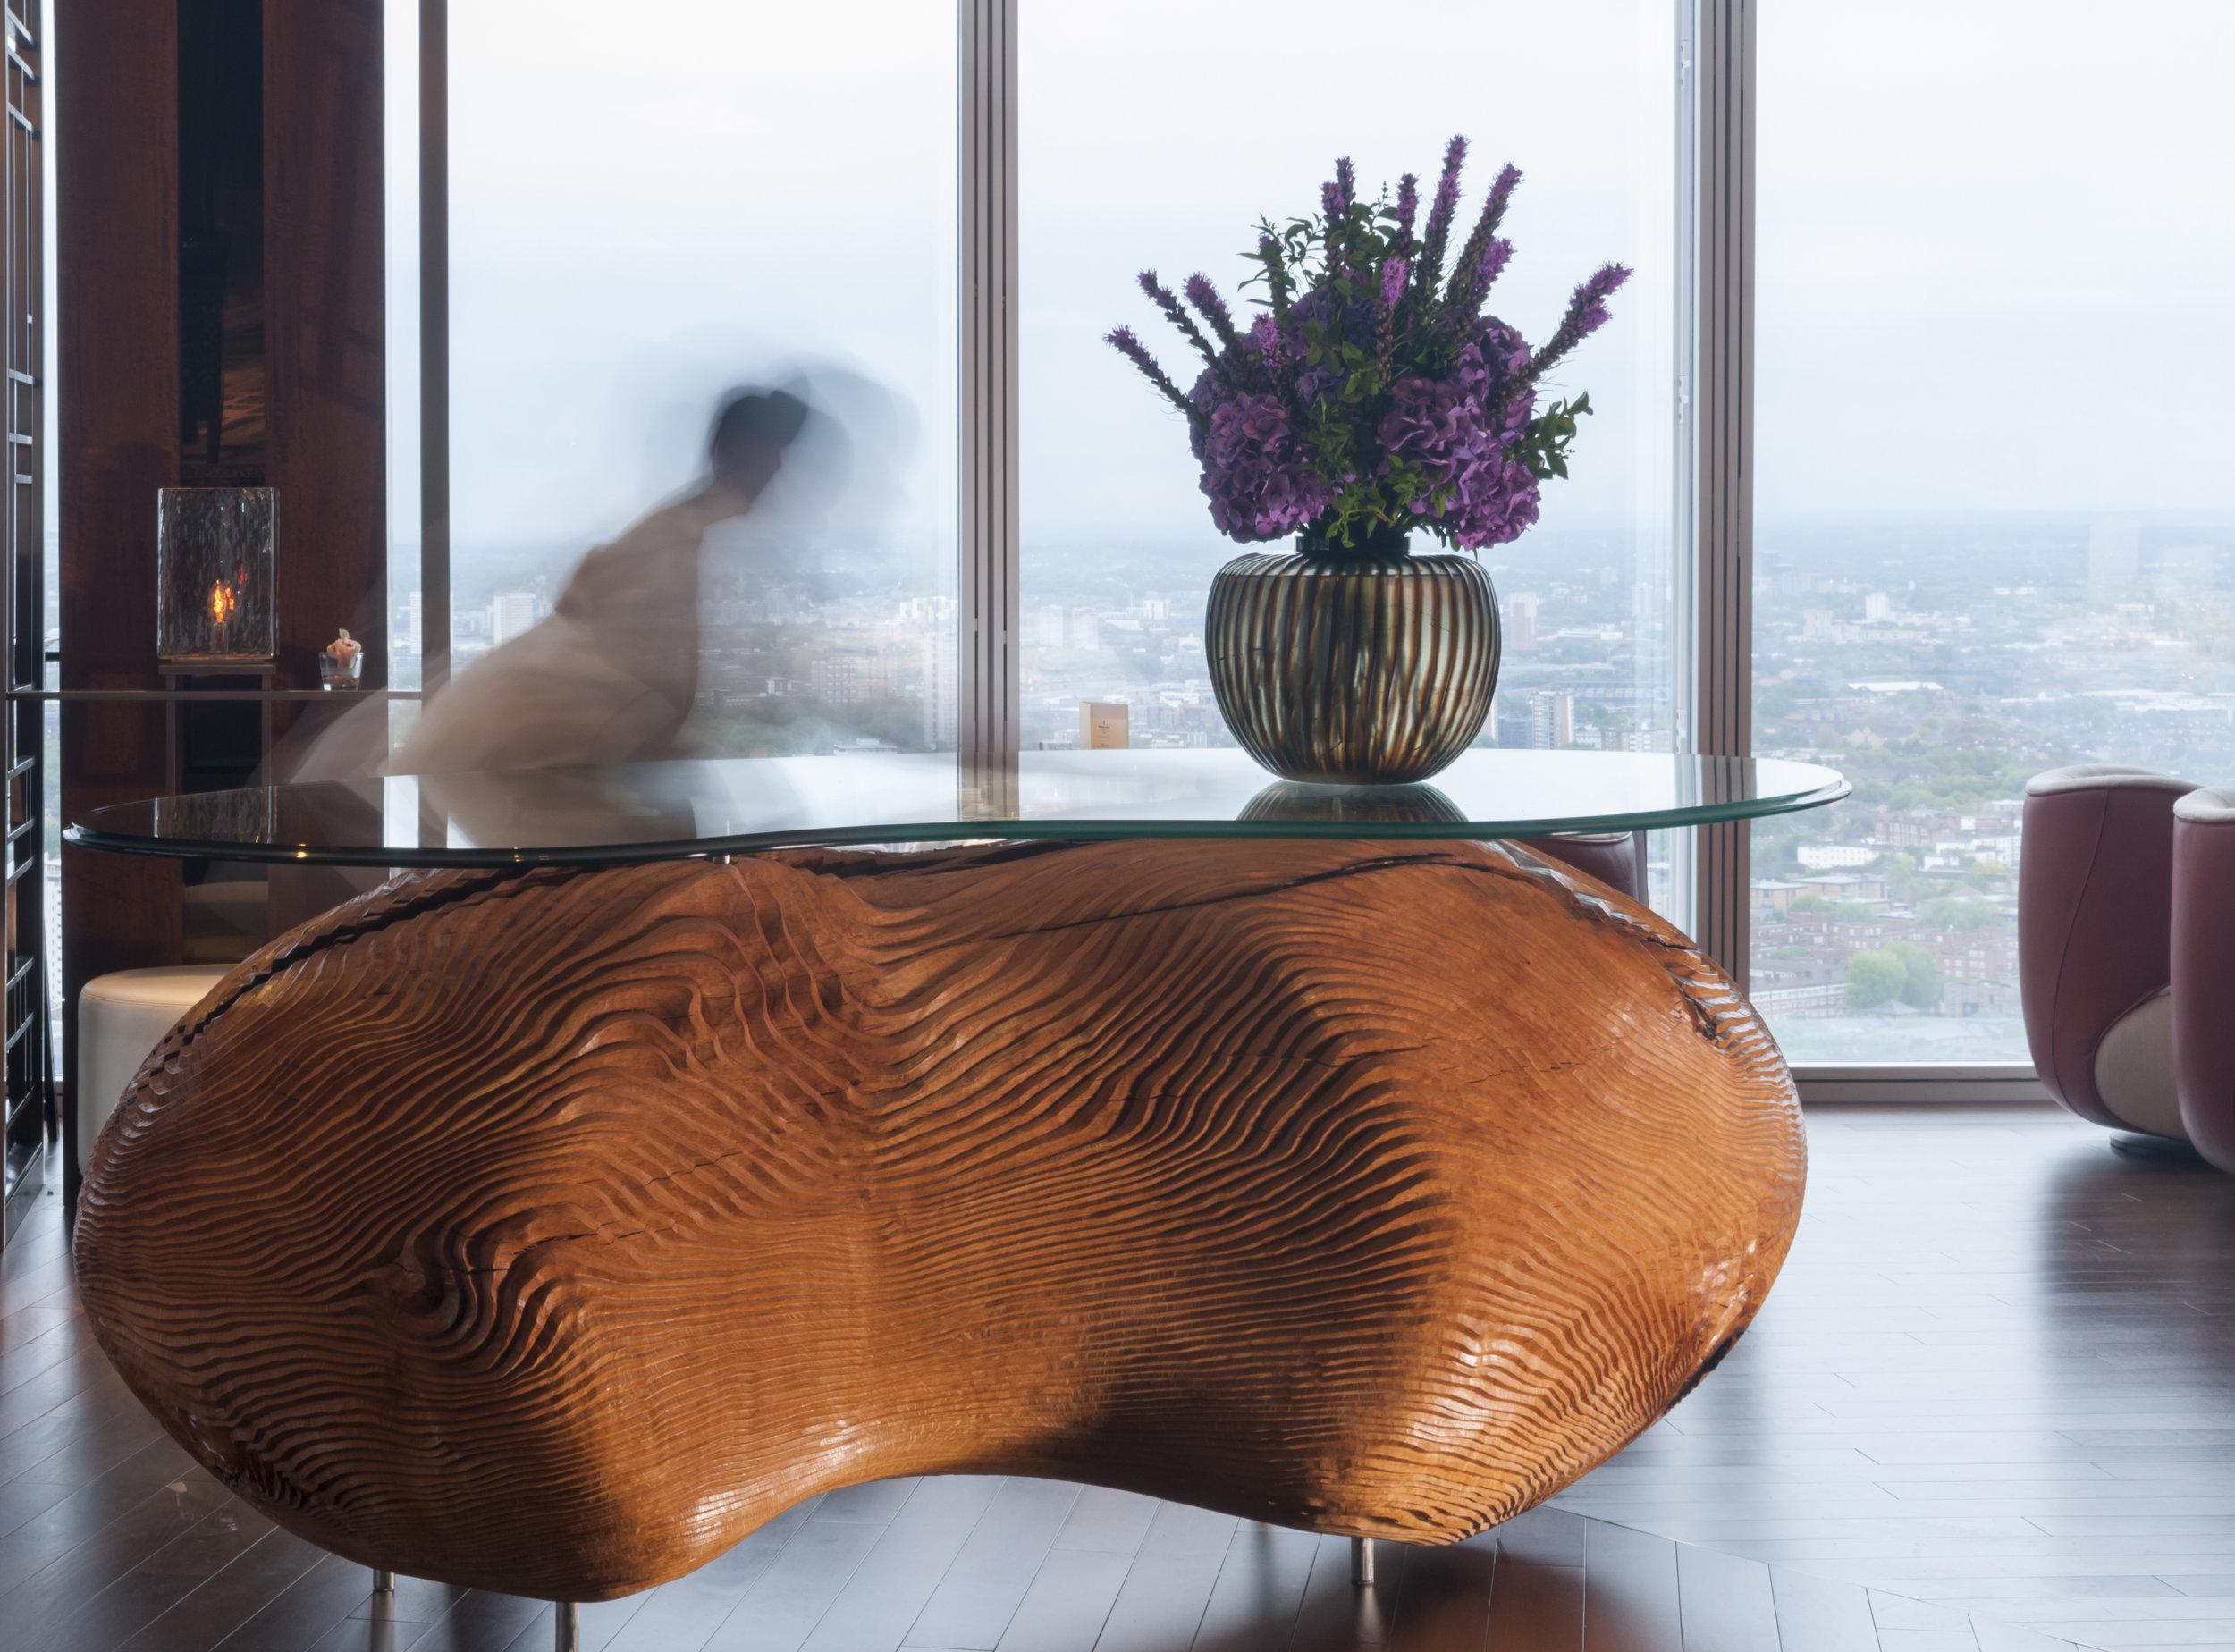 Diatom I (2014) . The Shangri-La Hotel, The Shard, London. Photo: Jacqui Hurst